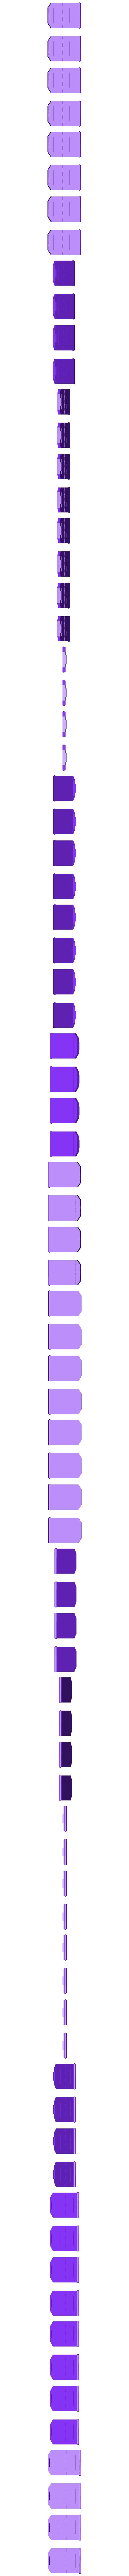 Revised_Door_X_4.stl Télécharger fichier STL gratuit Mech Dropship 2.0 • Design imprimable en 3D, mrhers2